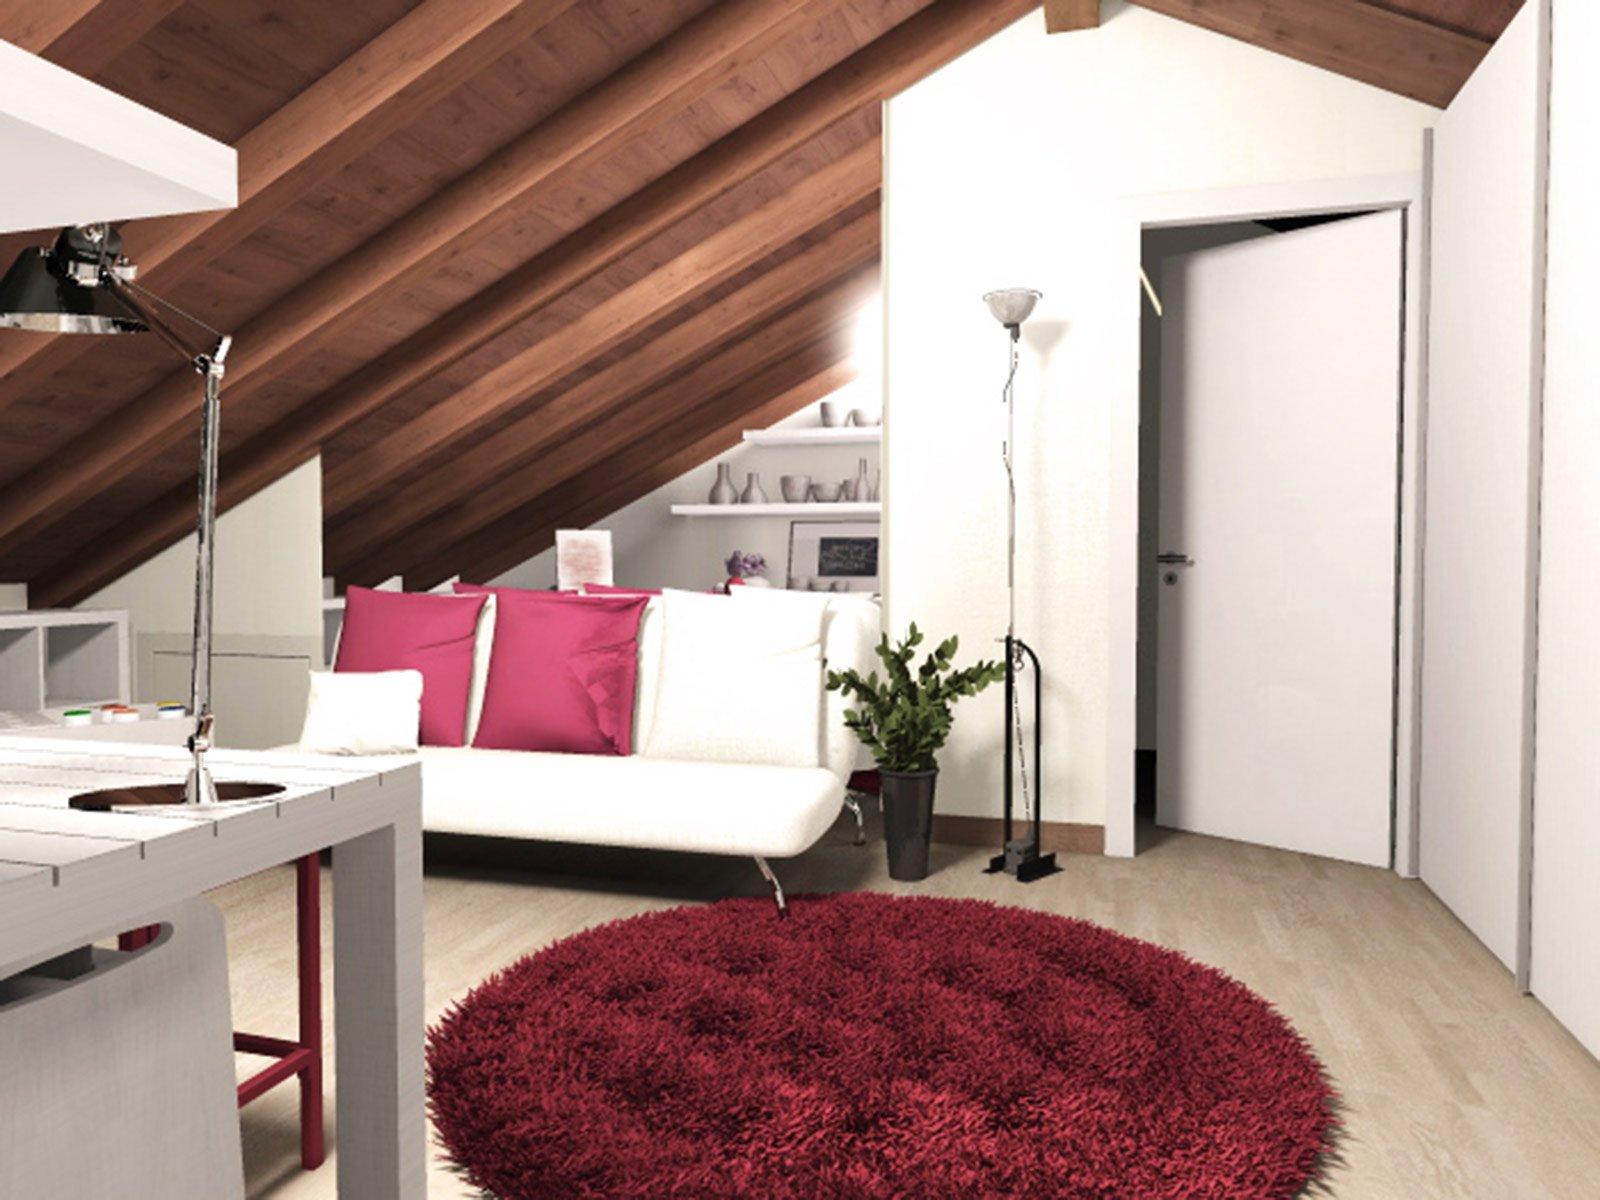 La mansarda da dividere in camera e studio cose di casa - Architetto interior designer ...